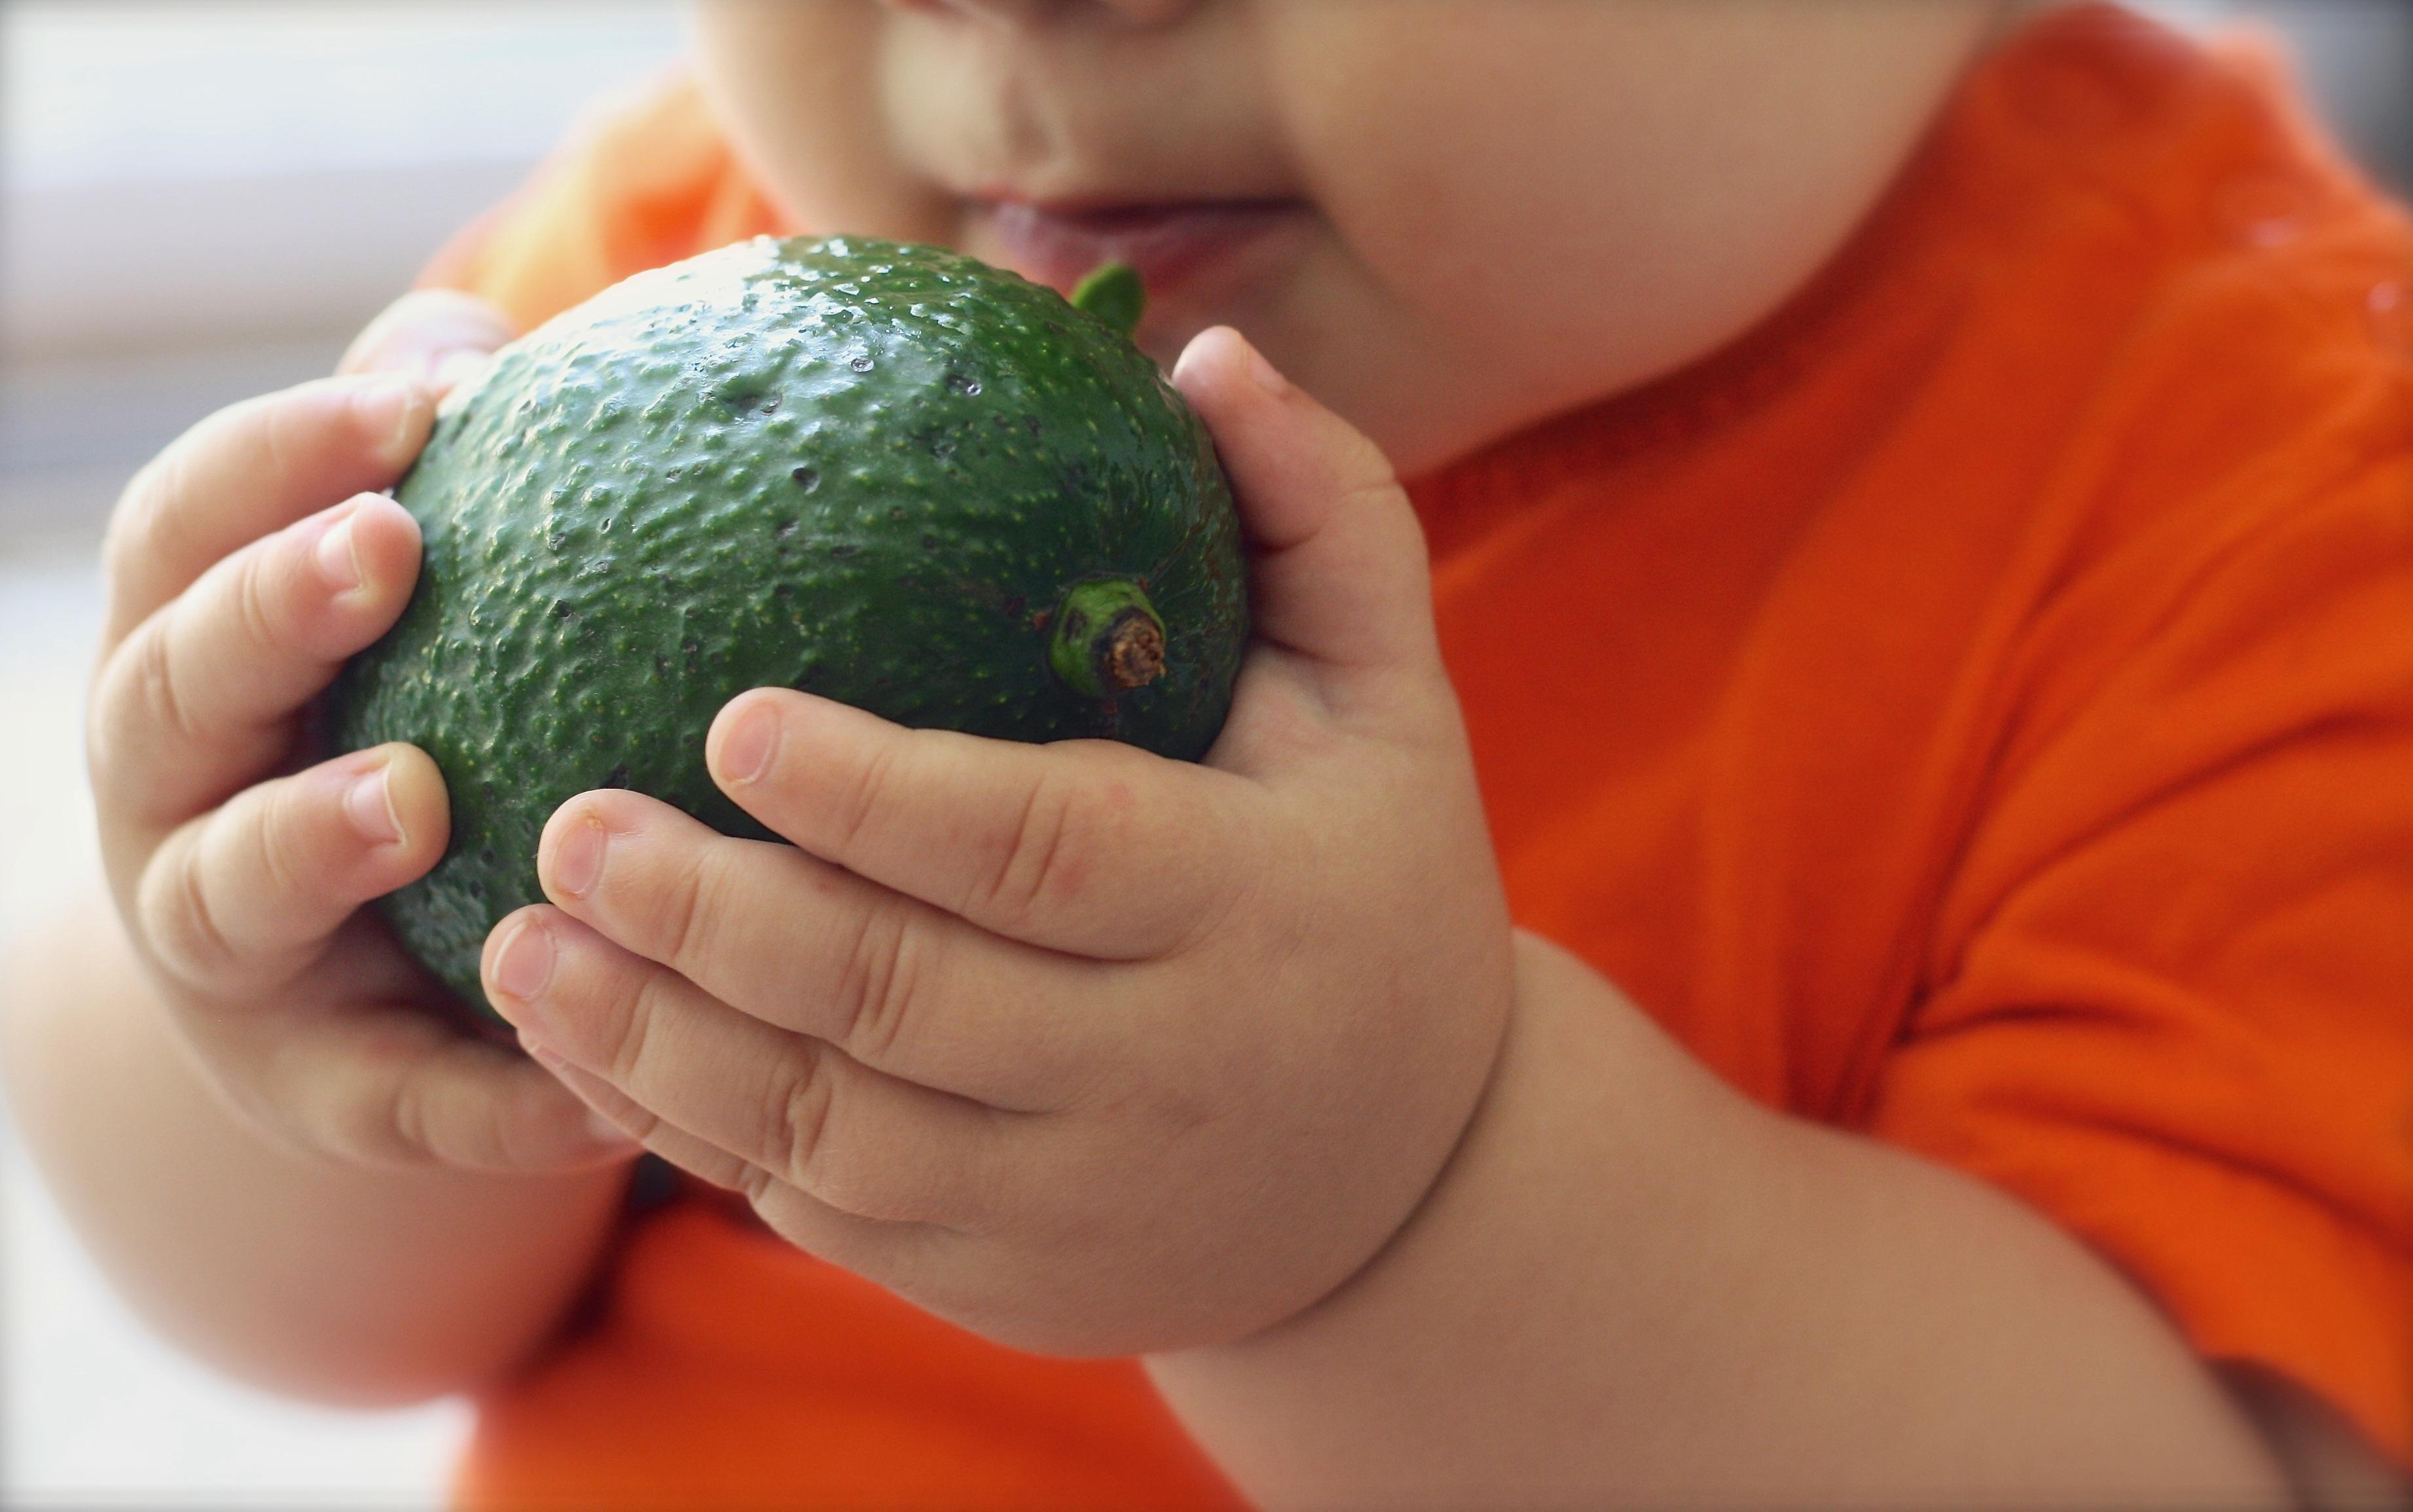 Come frutas y verduras - 3 5